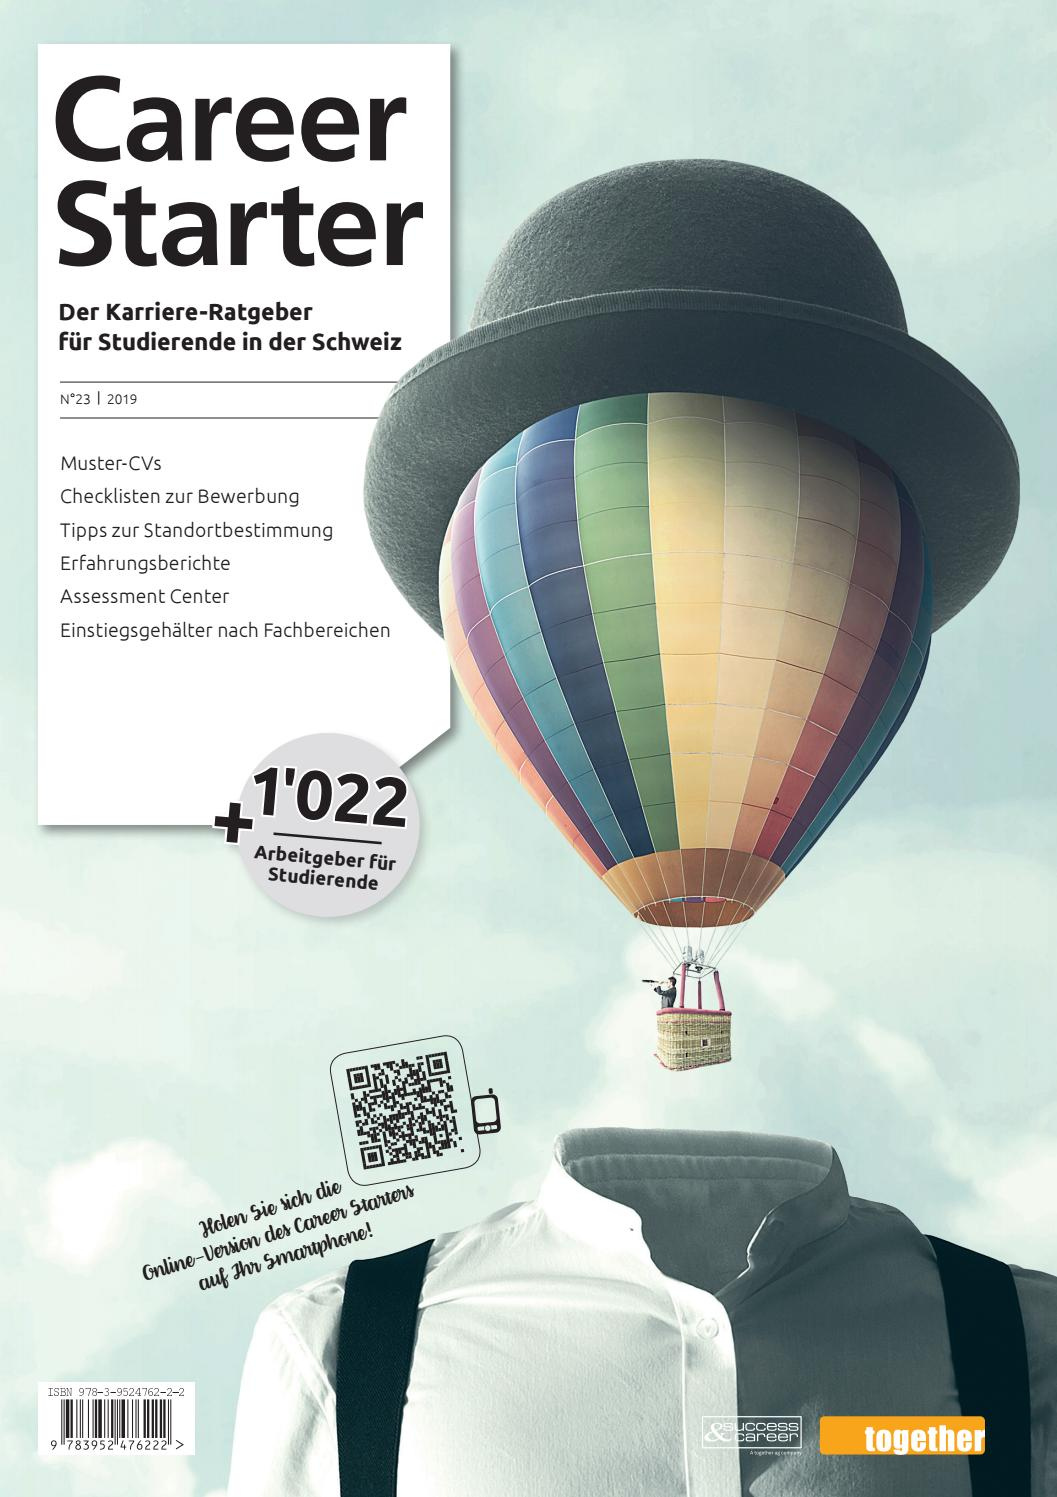 Career Starter Nr. 23 Deutsche Ausgabe 2019 by